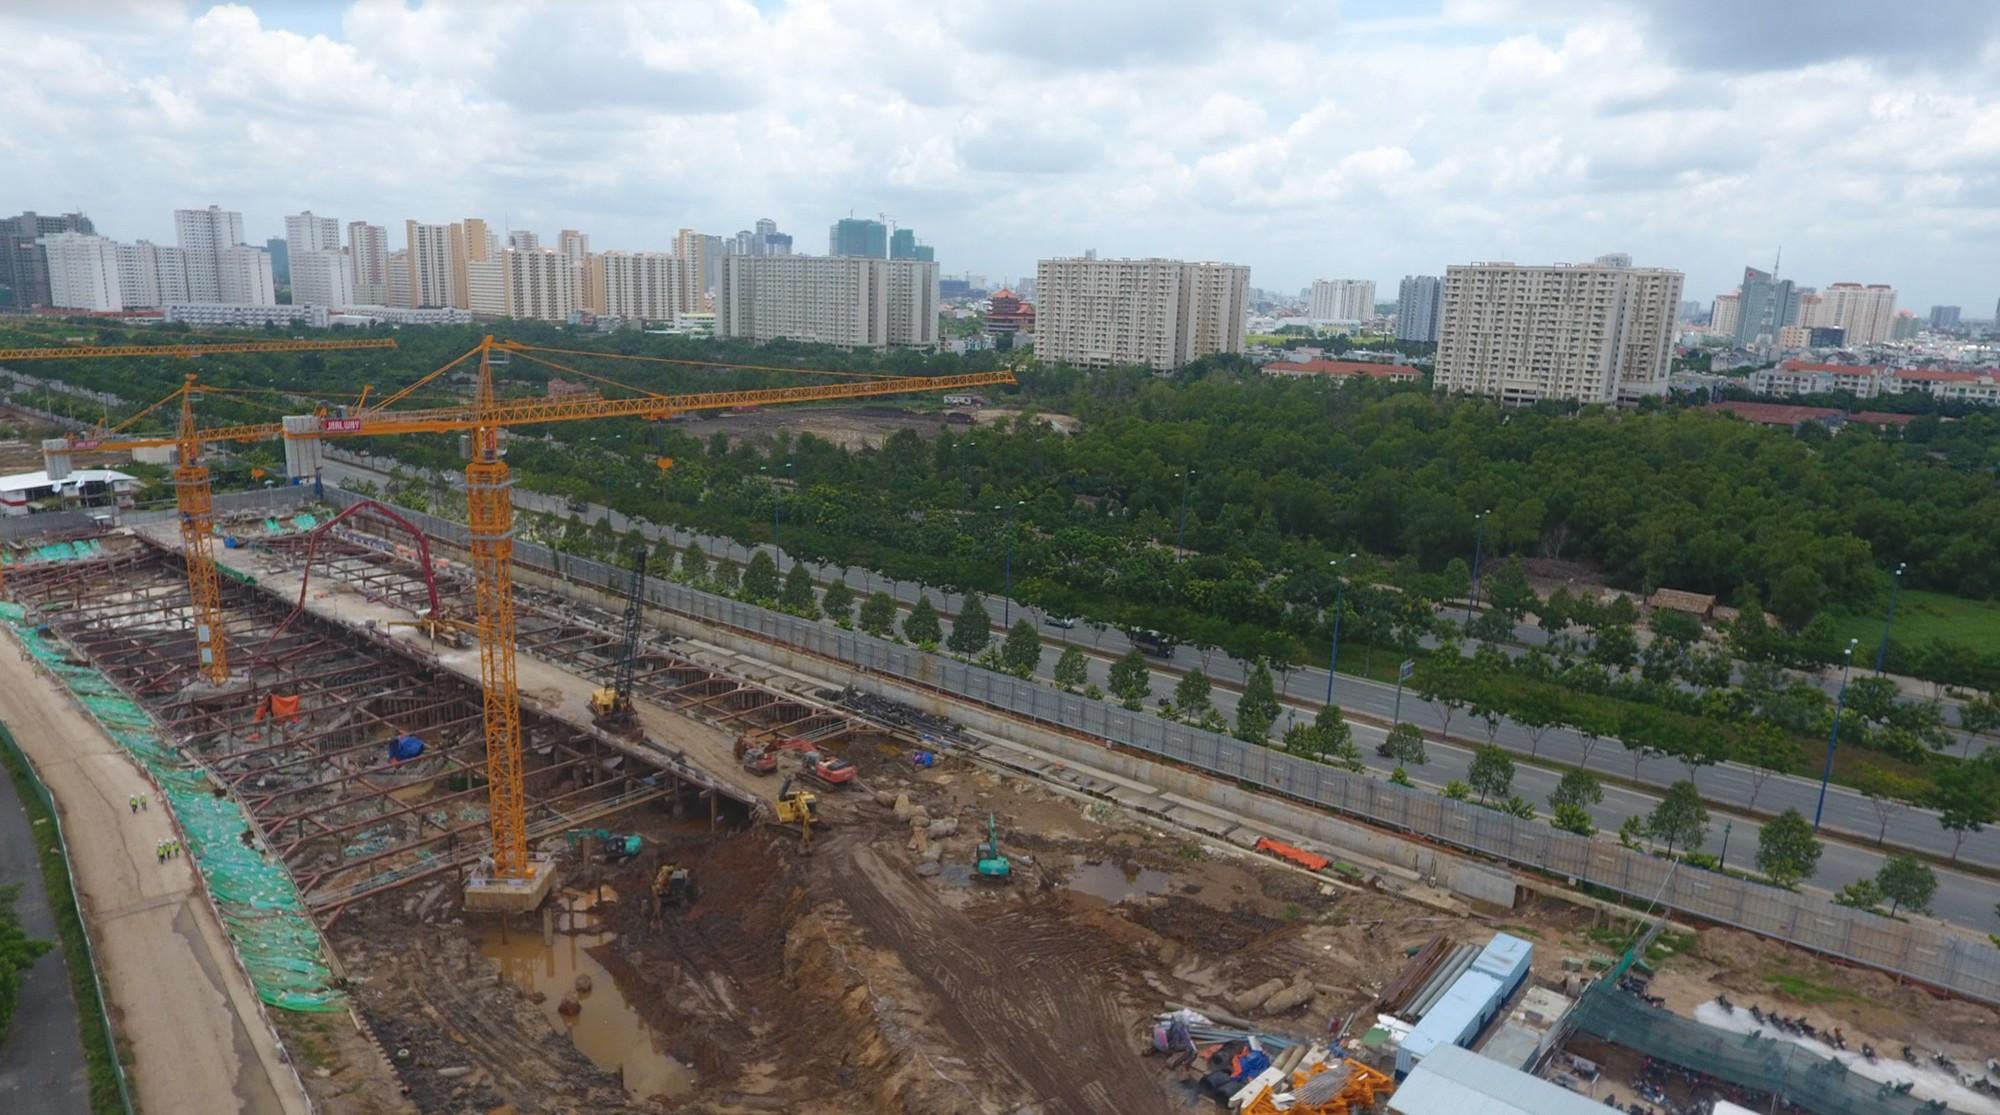 Diện mạo bán đảo Thủ Thiêm - khu đô thị đẹp nhất Sài Gòn nhìn từ trên cao - Ảnh 13.